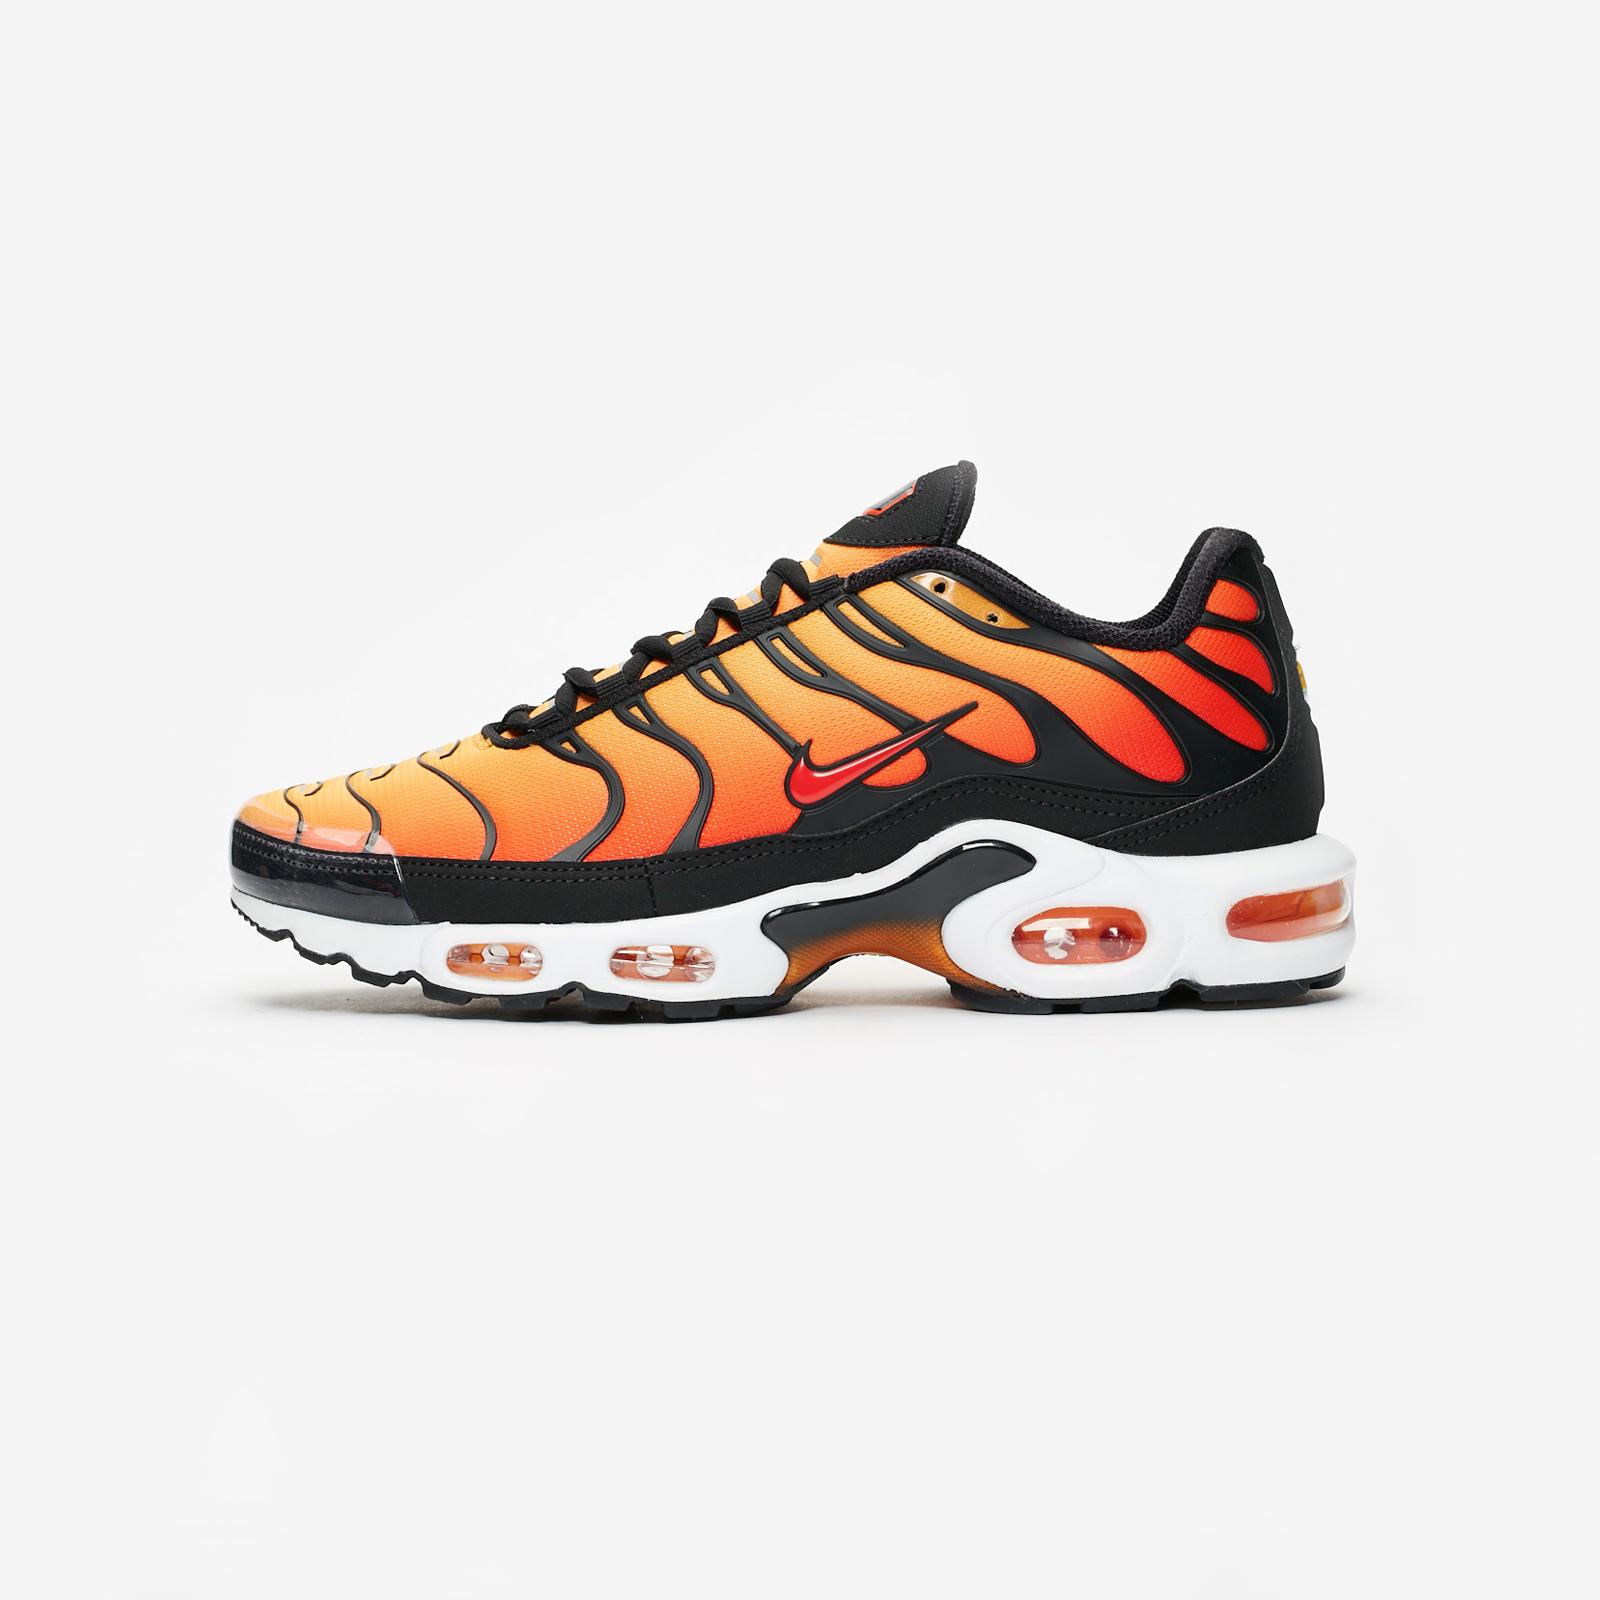 Nike Air Max Plus OG - Bq4629-001 - SNS | sneakers & streetwear ...